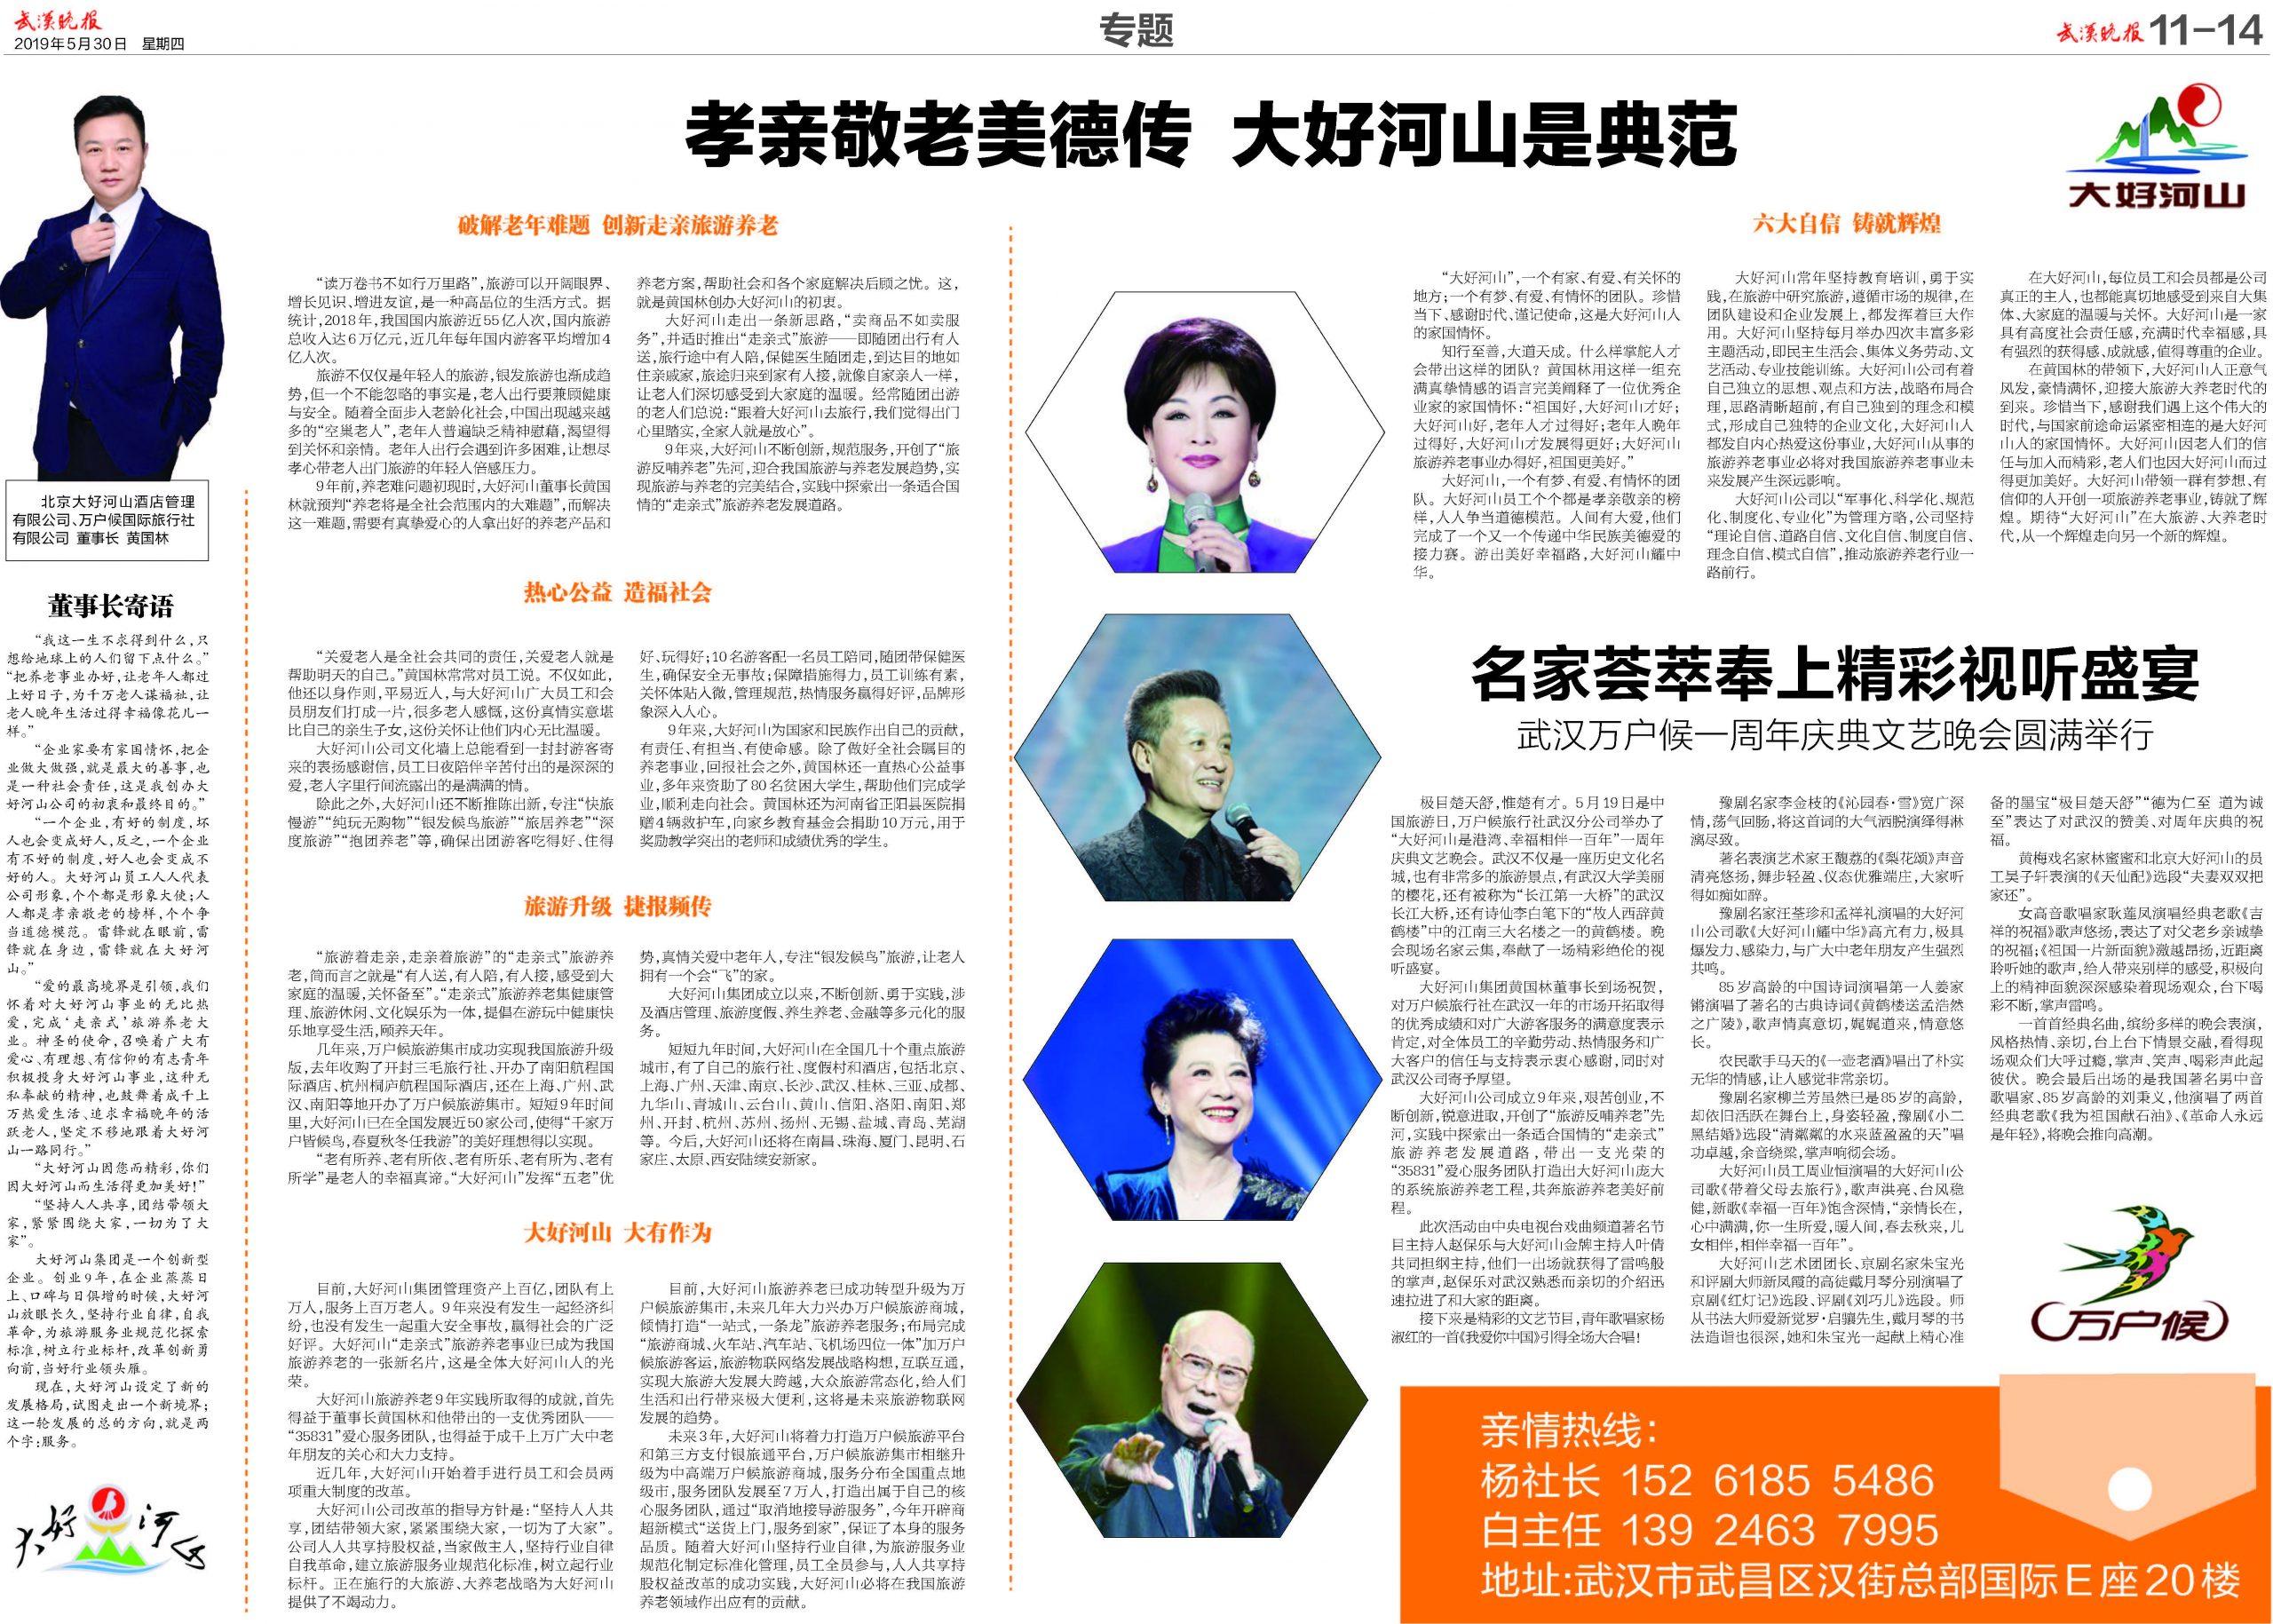 武汉晚报 2019-05-30 专题11-14